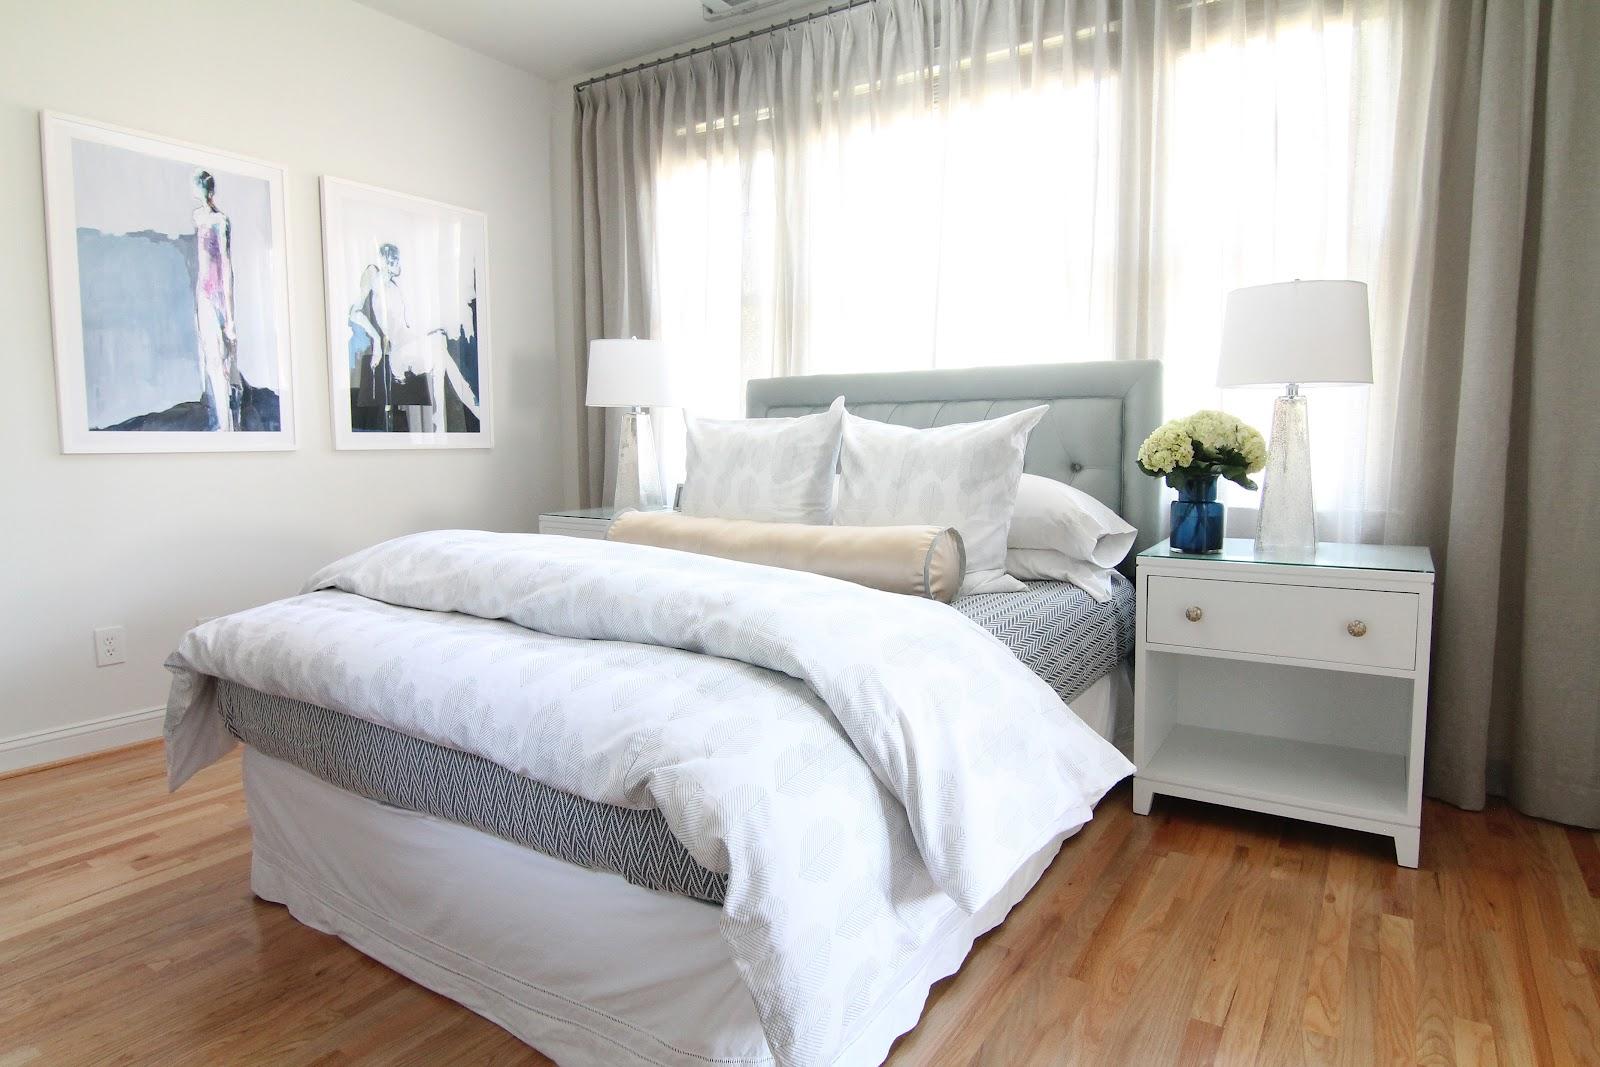 Bryn Alexandra Light Airy Bedroom